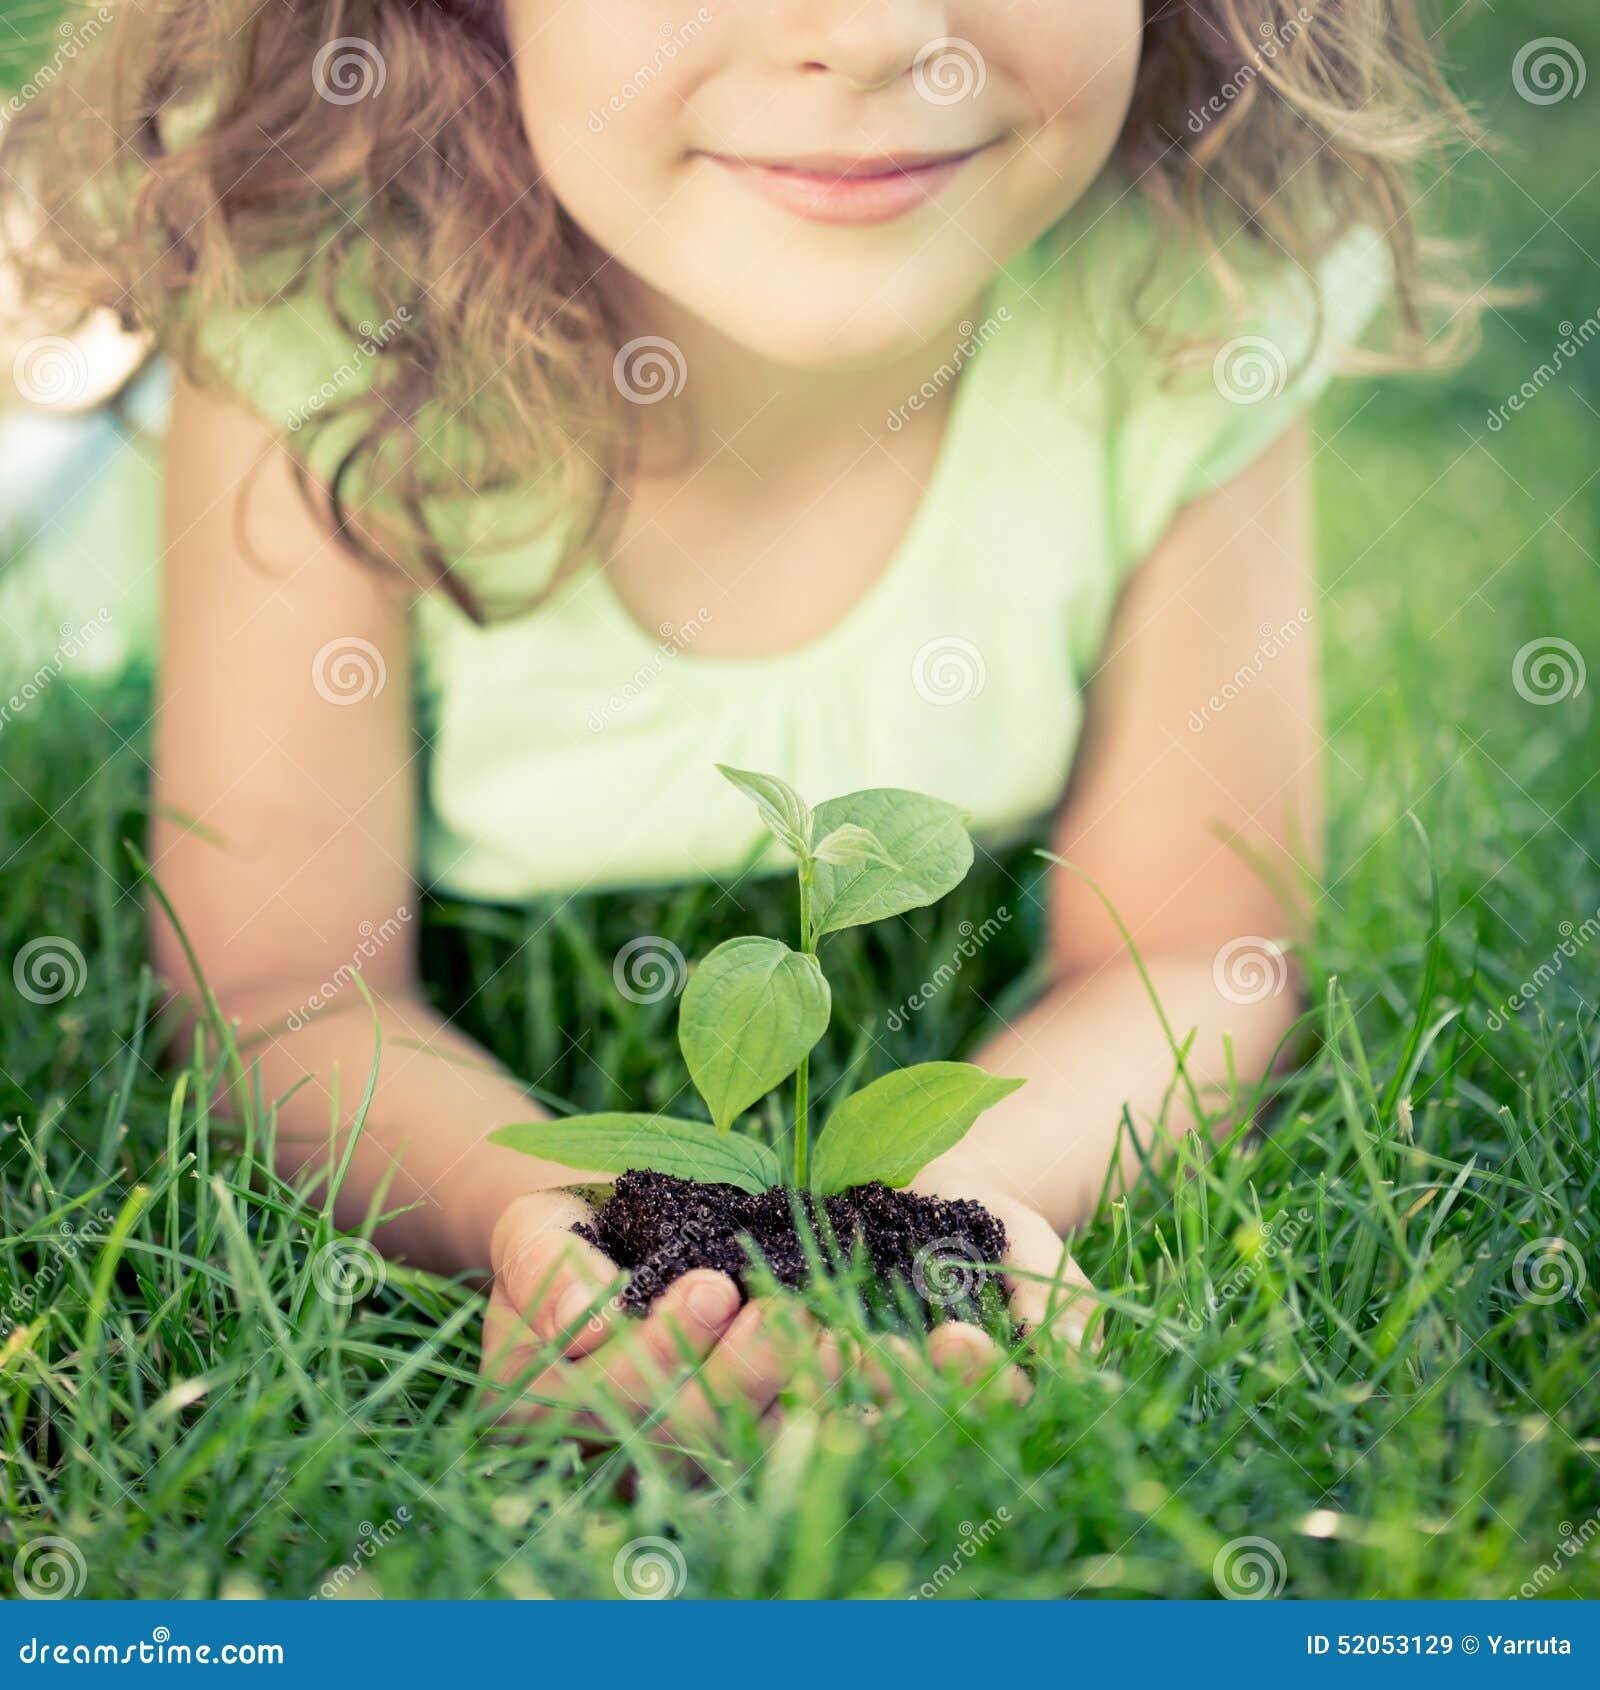 Terra dei fuochi Youngo, Earth Day 2016 : un orto didattico per insegnare ai bambini l'amore per la Terra contro i veleni delle eco mafie